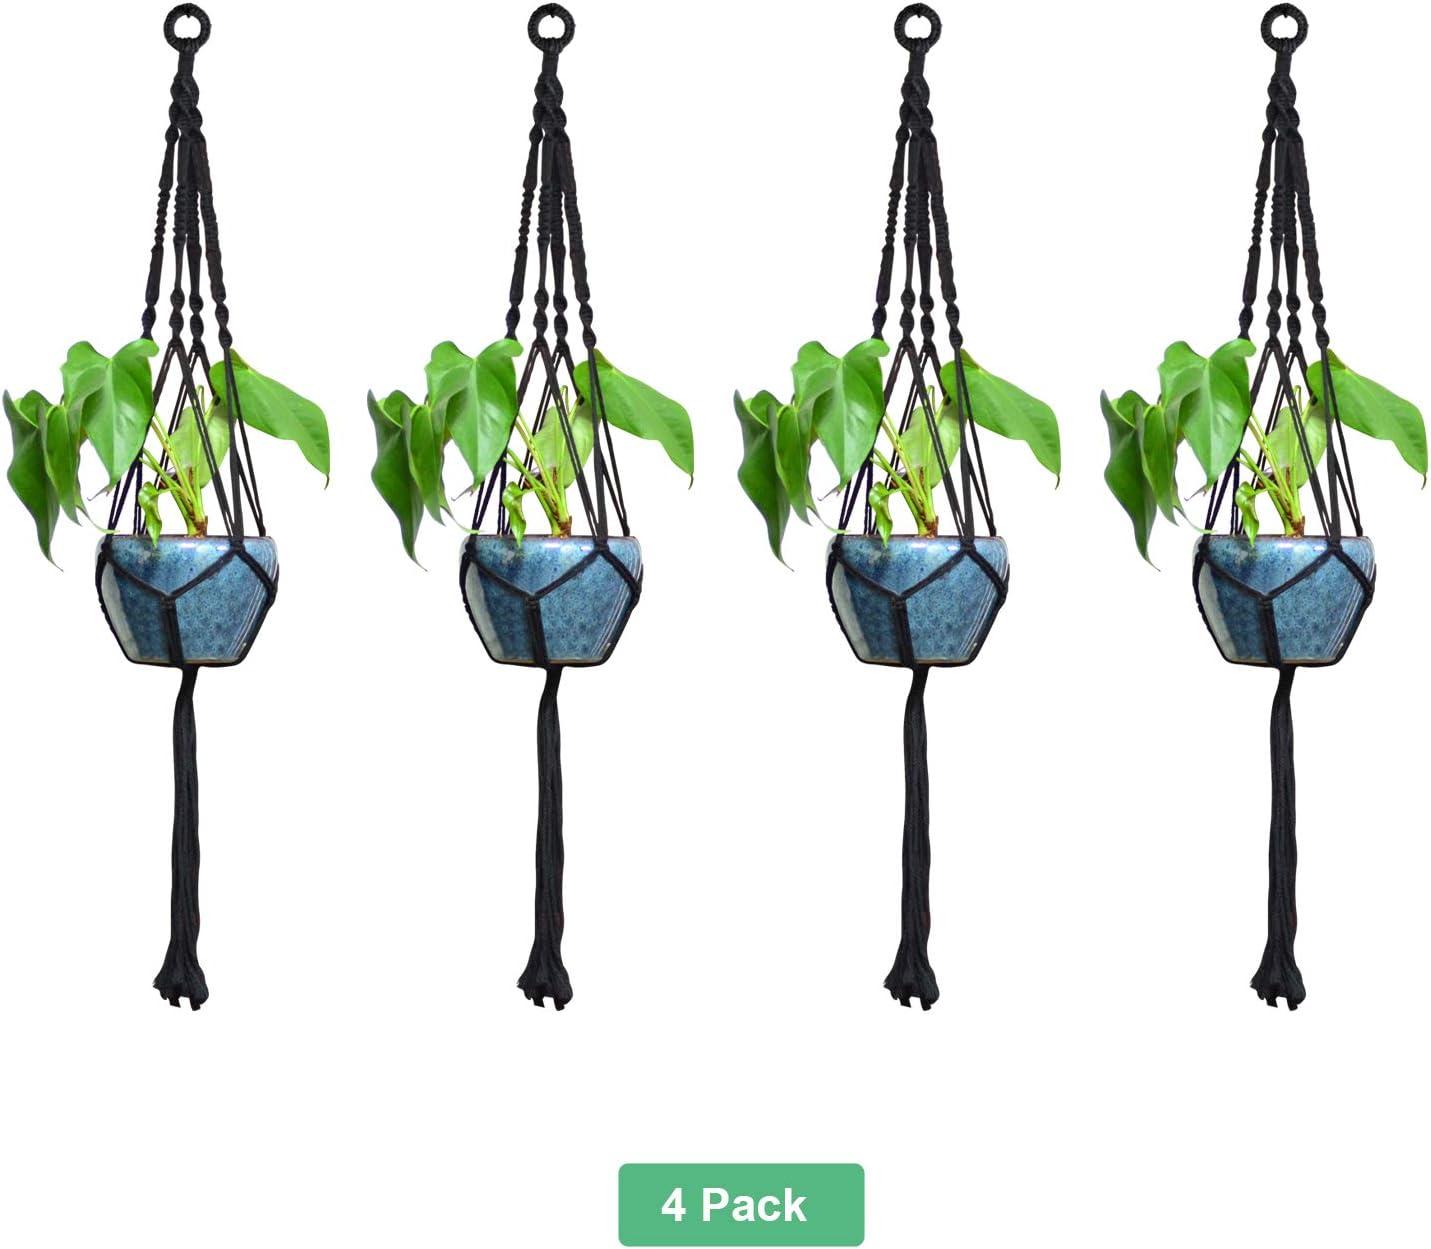 1 /& 2 /& 4 Pack Plante Cintre Macrame Plantes Cintres Plante Cintre Noir Int/érieur Plantes Ext/érieurs Plantes Home Decor 4 Pack